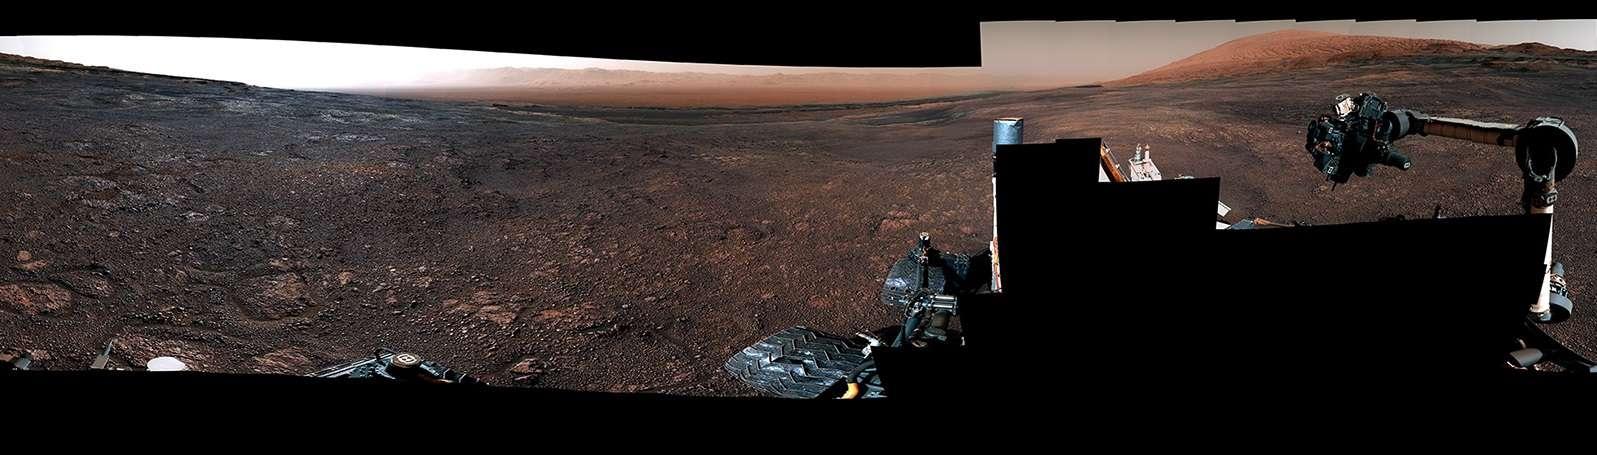 Panorama de Mars vu par Curiosity le 19 décembre 2018, qui explore le cratère Gale depuis 2012 et grimpe le Mont Sharp en son centre depuis 2014. © Nasa/JPL-Caltech/MSSS